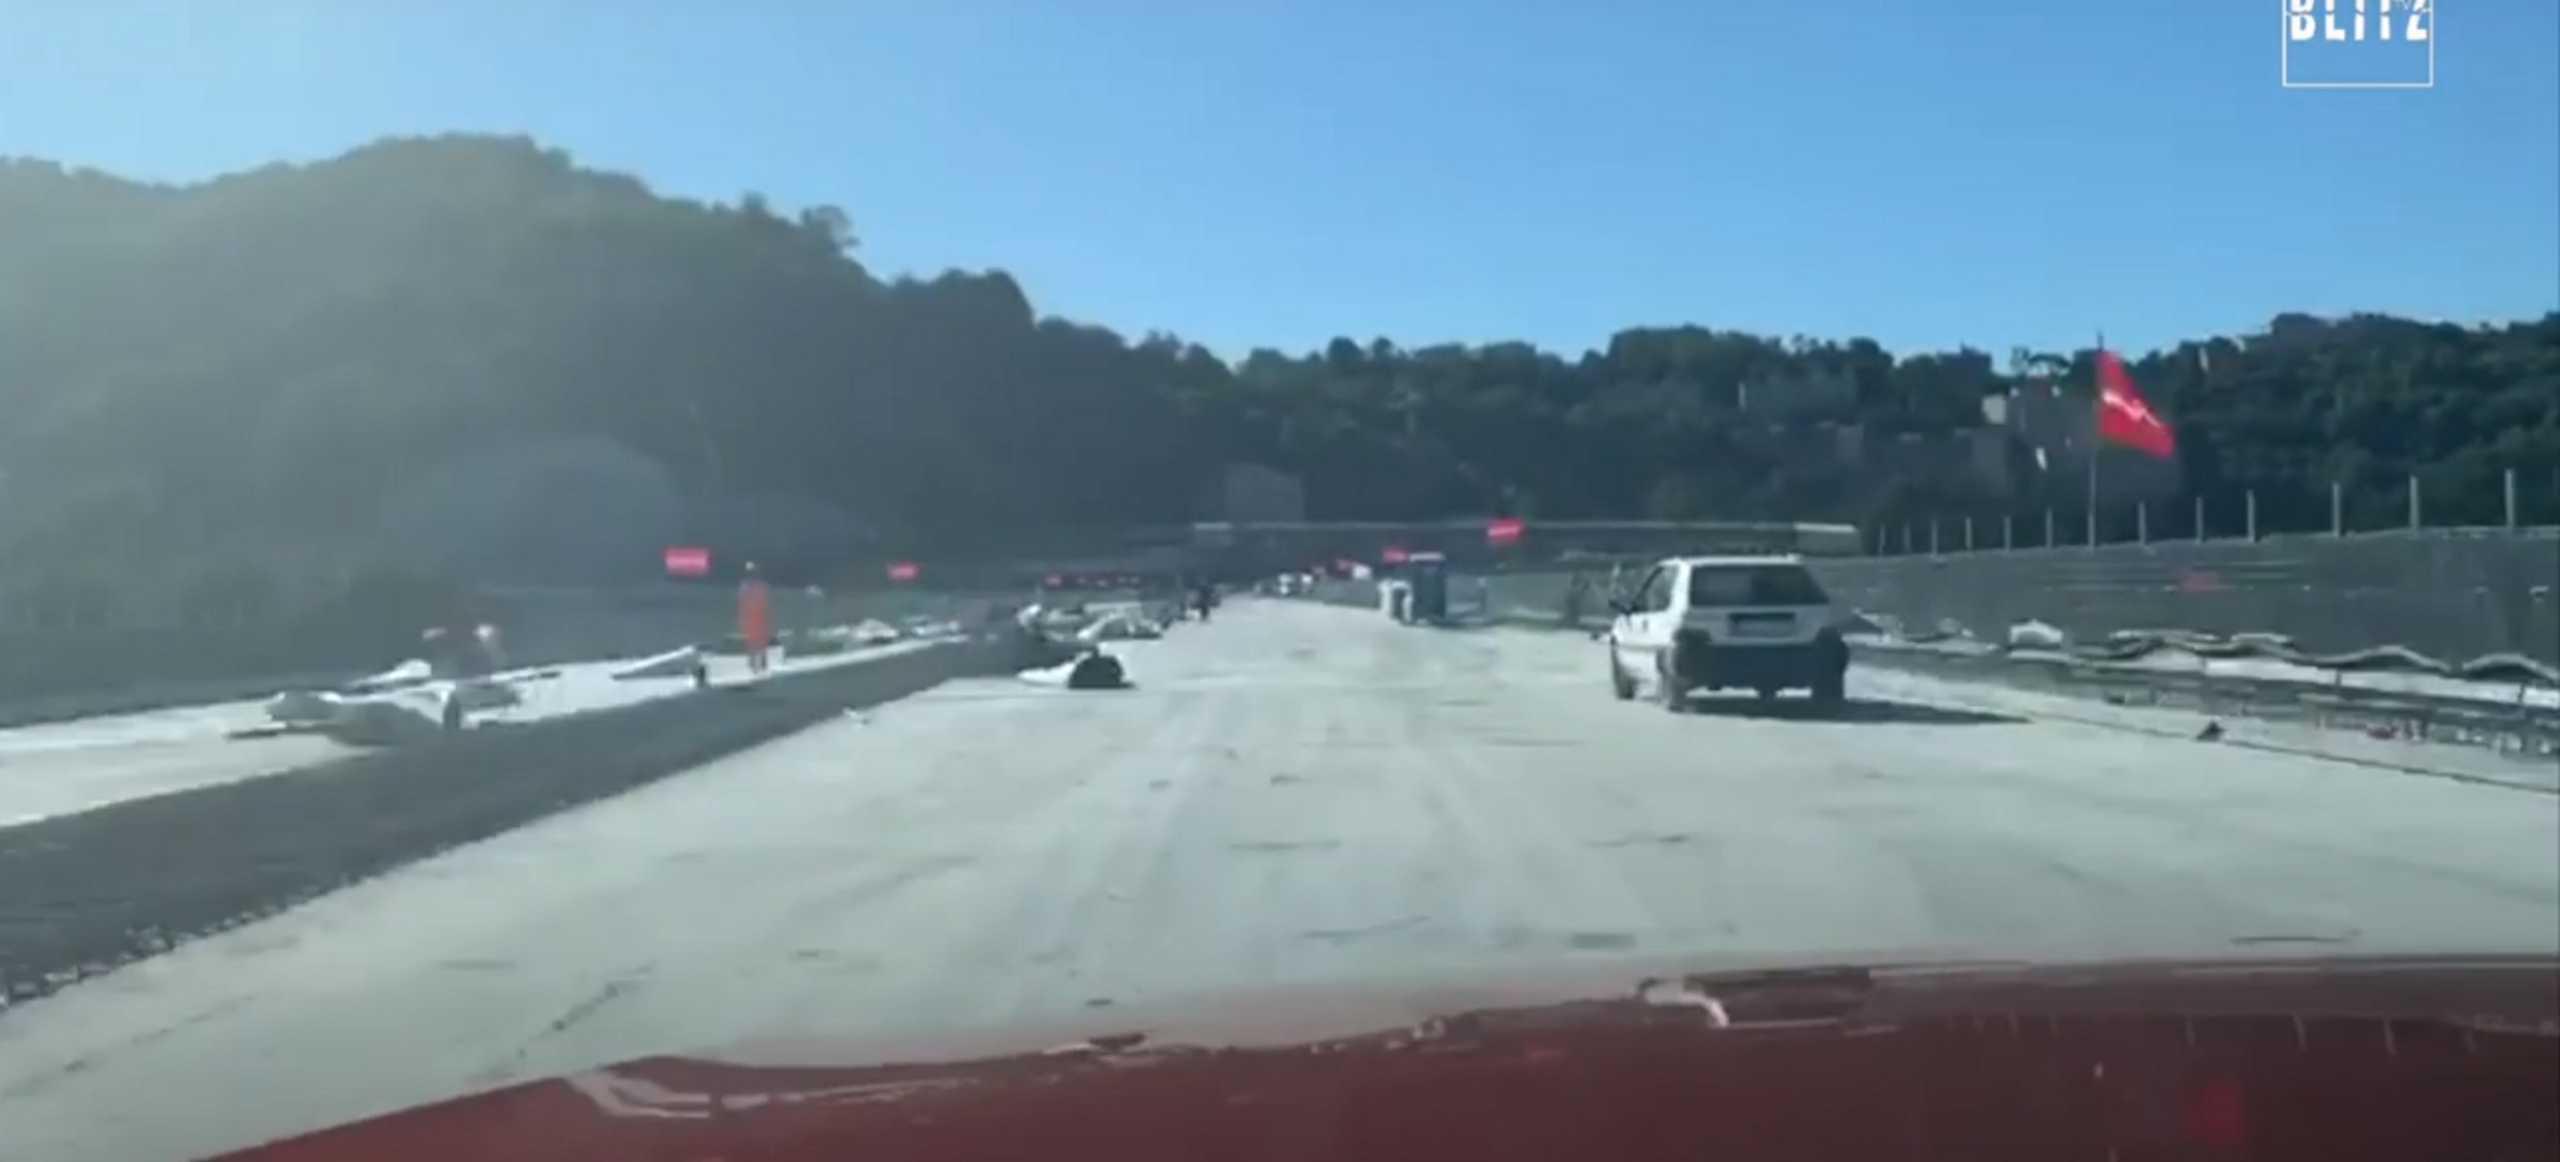 Ιταλία: Επιτυχημένο το πρώτο δοκιμαστικό – Αυτοκίνητο διέσχισε τη νέα γέφυρα της Γένοβας